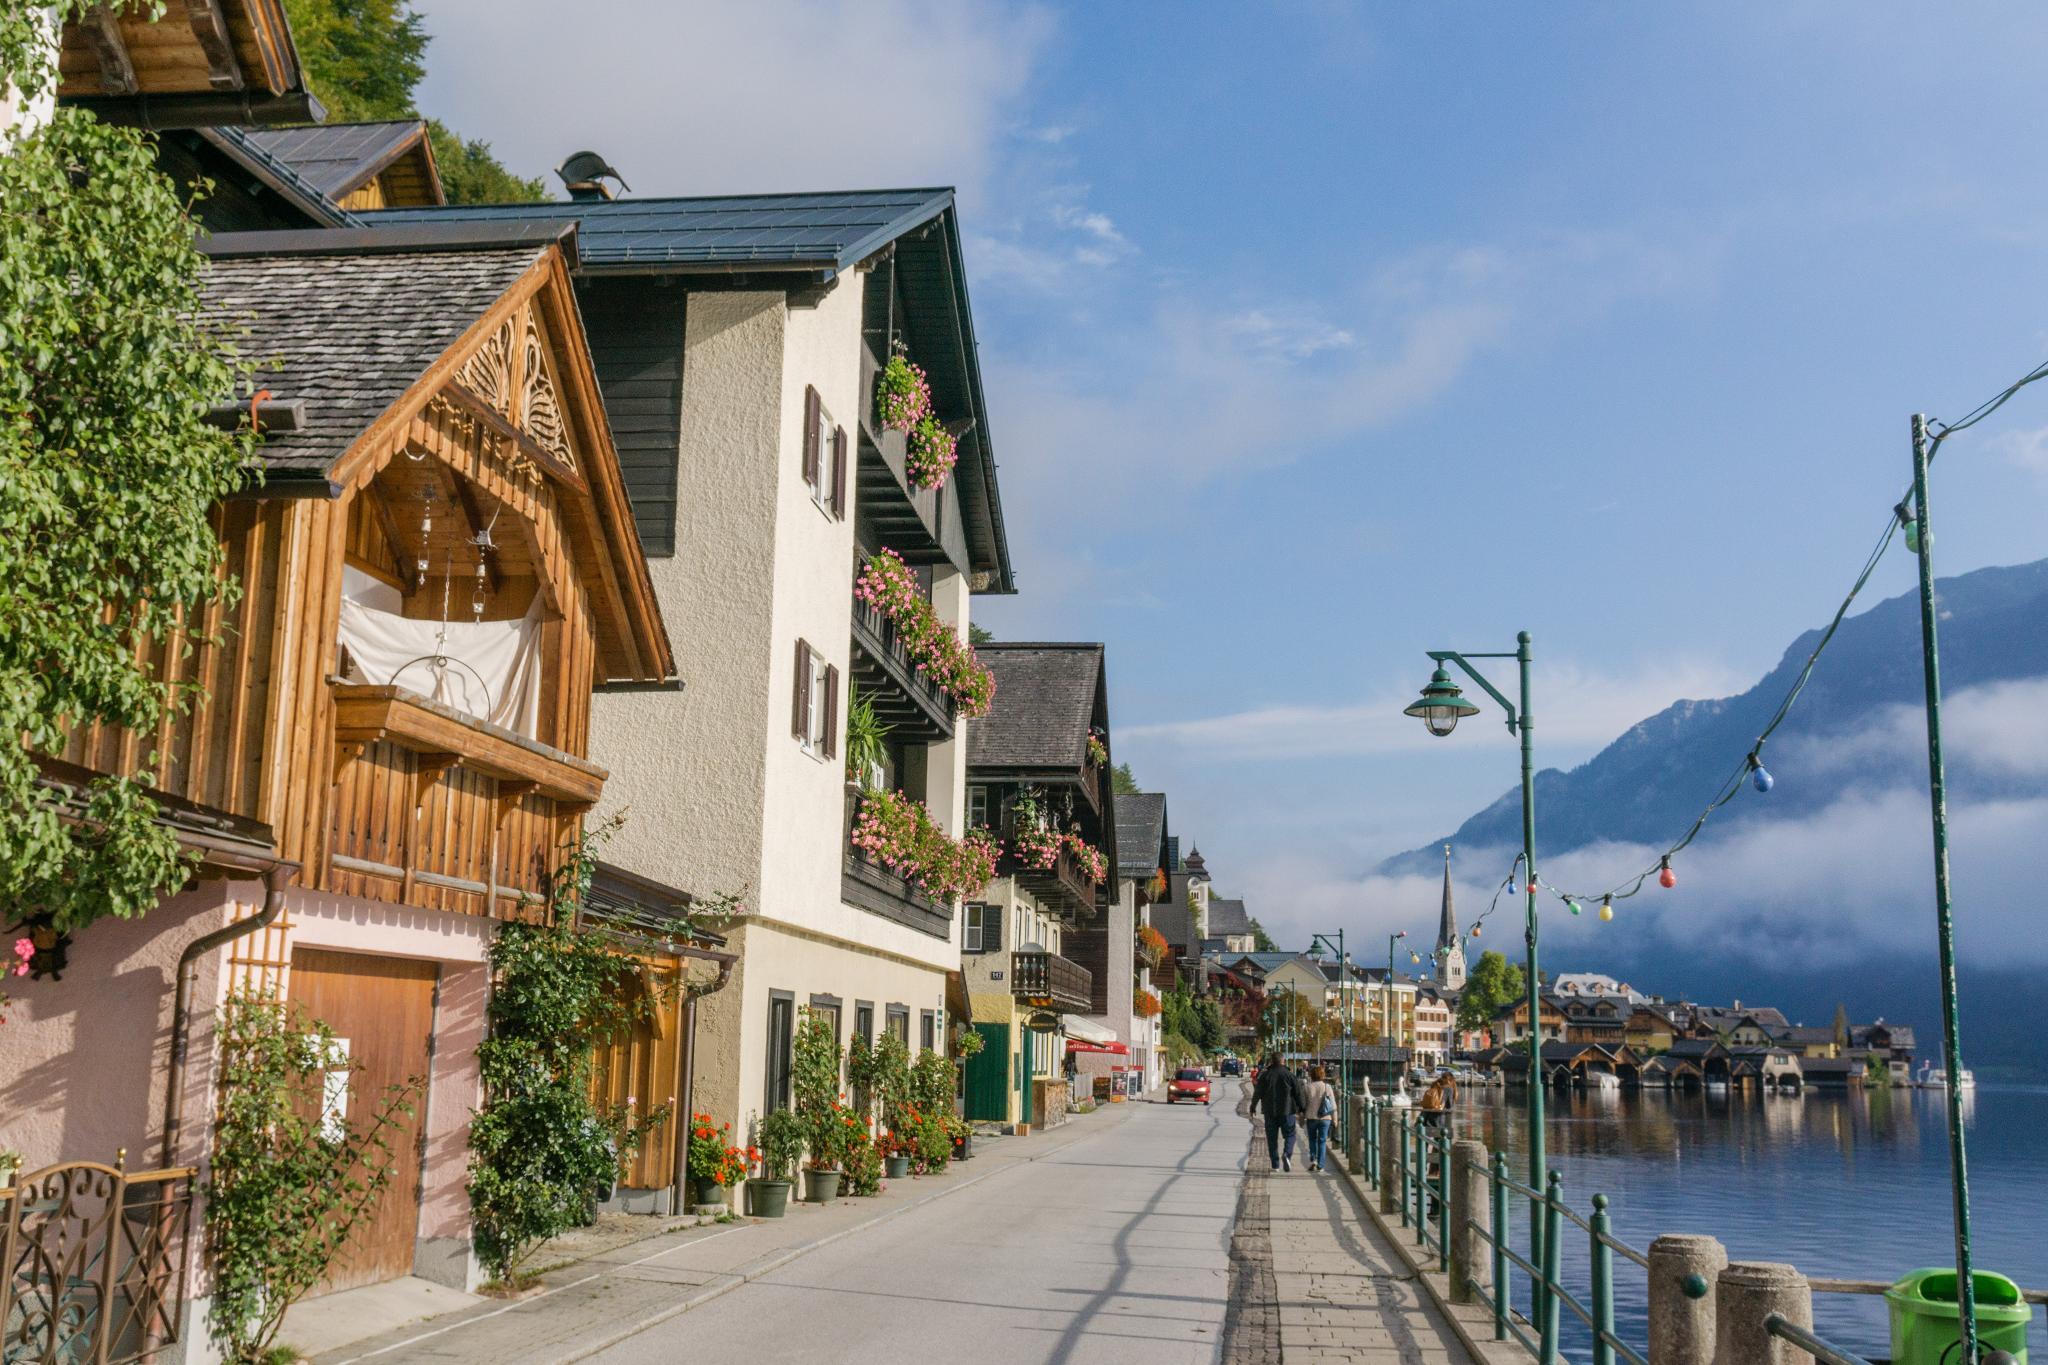 【奧地利】童話仙境 Hallstatt 哈修塔特 — 追逐世界遺產小鎮的夢幻黃金日出 23